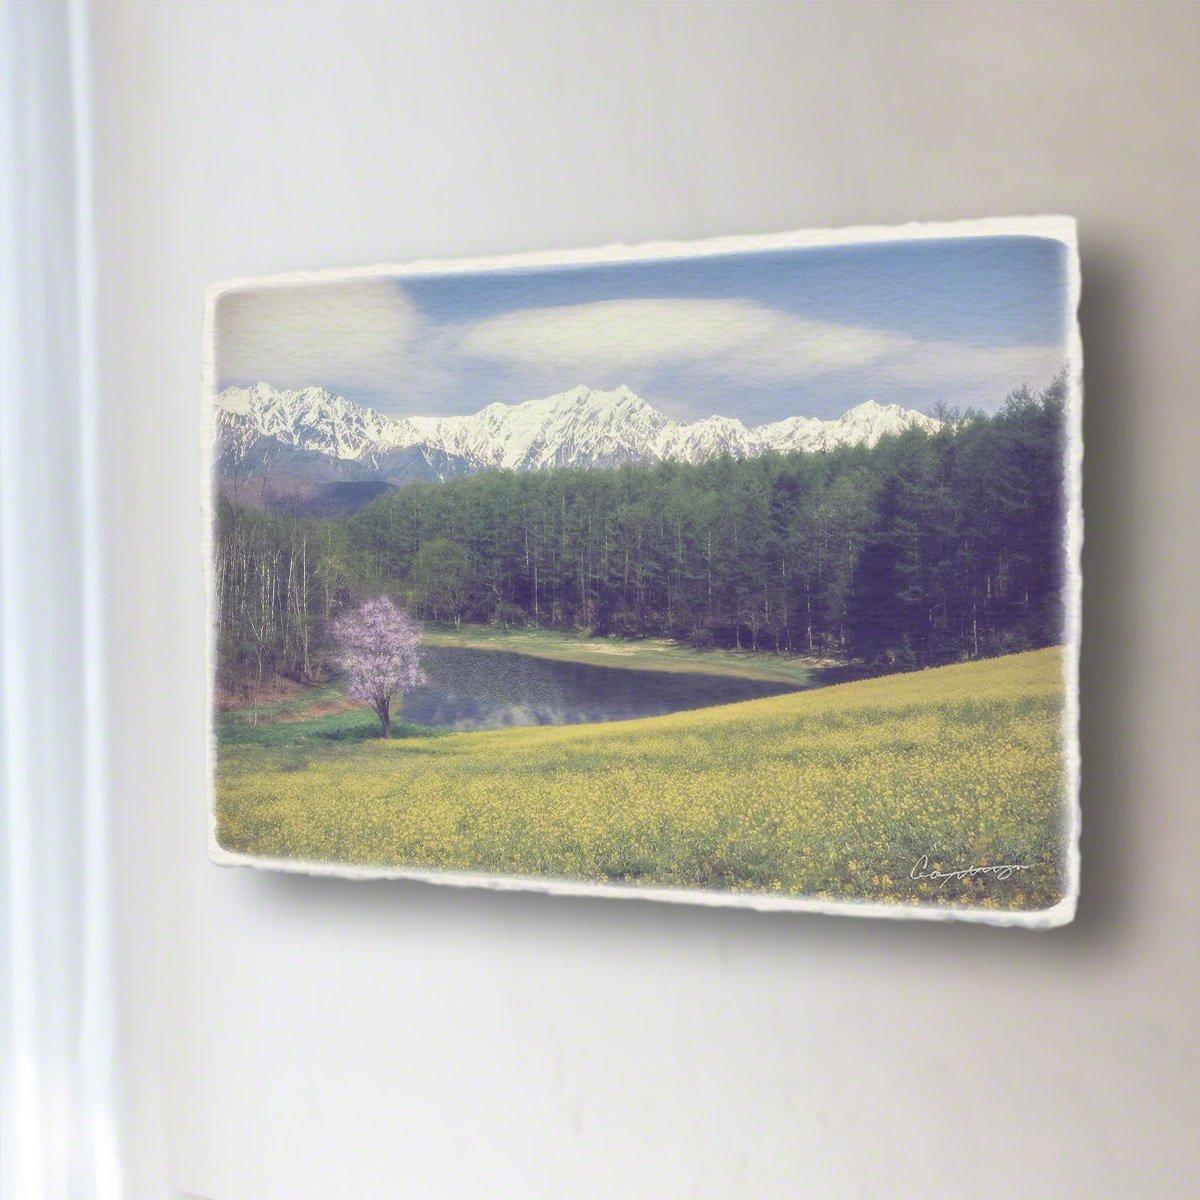 和紙 アートパネル 「菜の花と一本の山桜と残雪の北アルプスを映す池」 (81x54cm) 絵 絵画 壁掛け 壁飾り インテリア アート B078RQB7S6 17.アートパネル(長辺81cm) 88000円|菜の花と一本の山桜と残雪の北アルプスを映す池 菜の花と一本の山桜と残雪の北アルプスを映す池 17.アートパネル(長辺81cm) 88000円